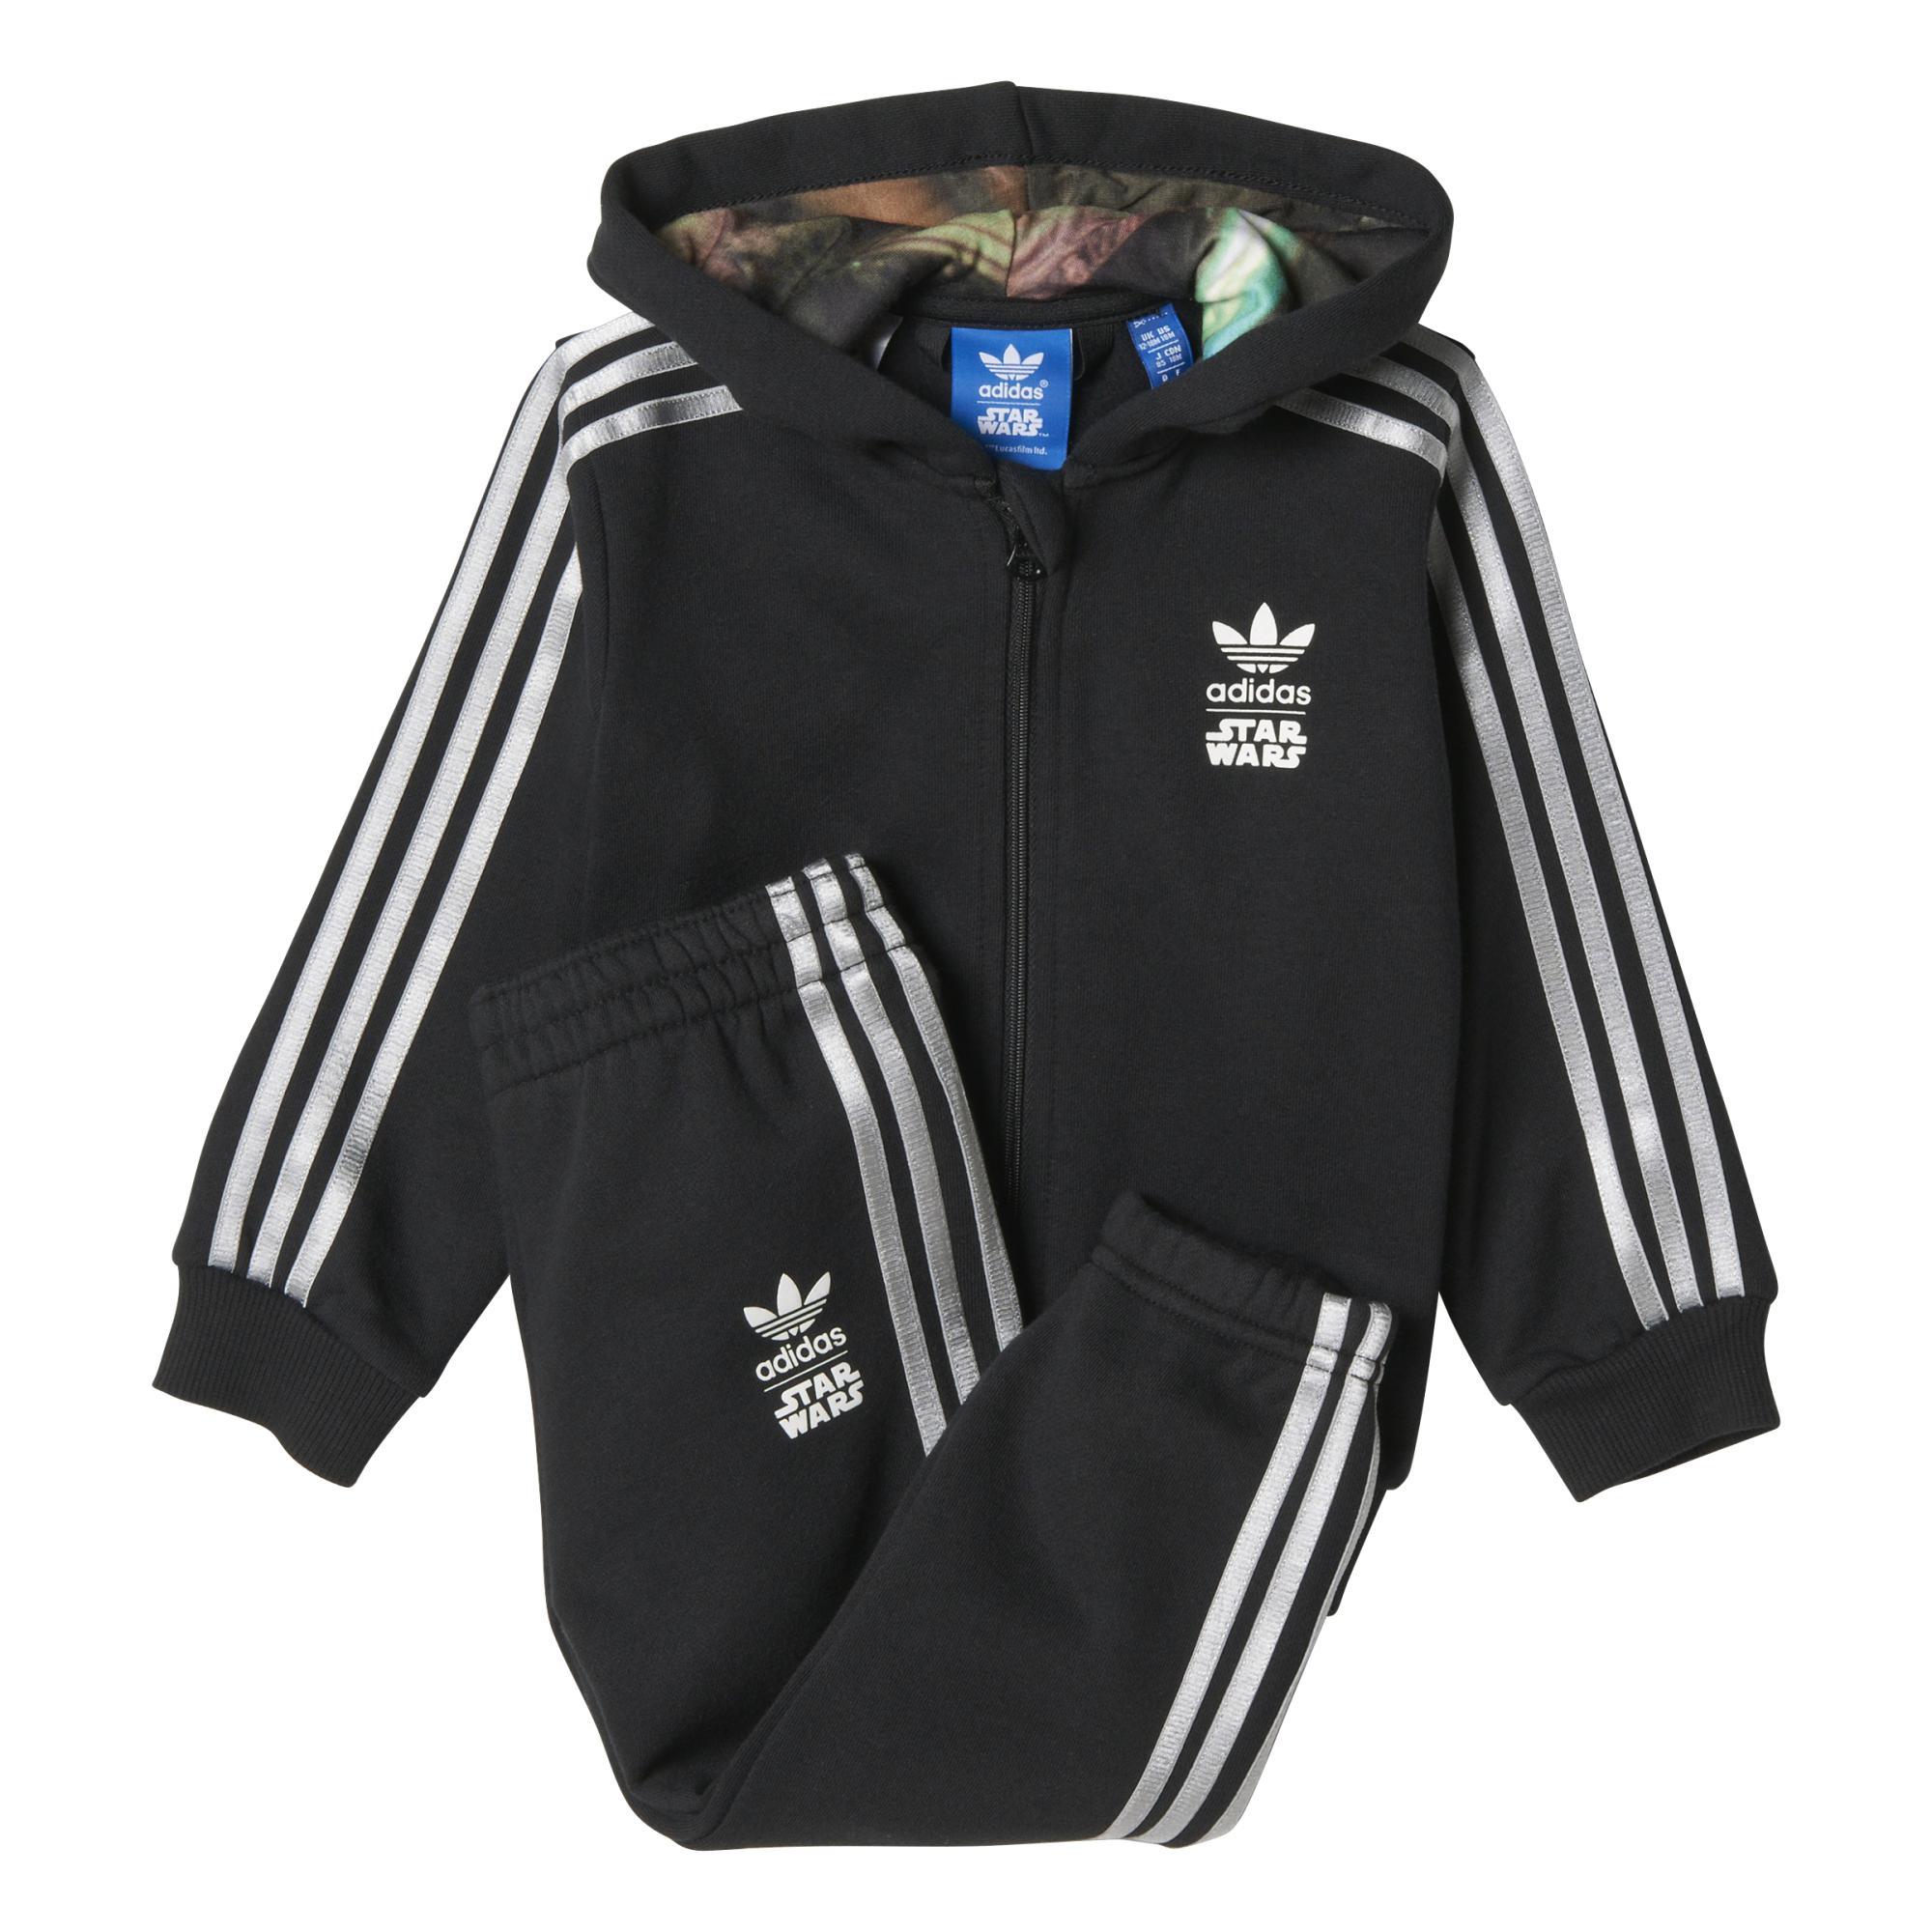 Adidas Originals Chándal Star Wars Millennium Falcon Infantil (negro) 82d9617a1f2